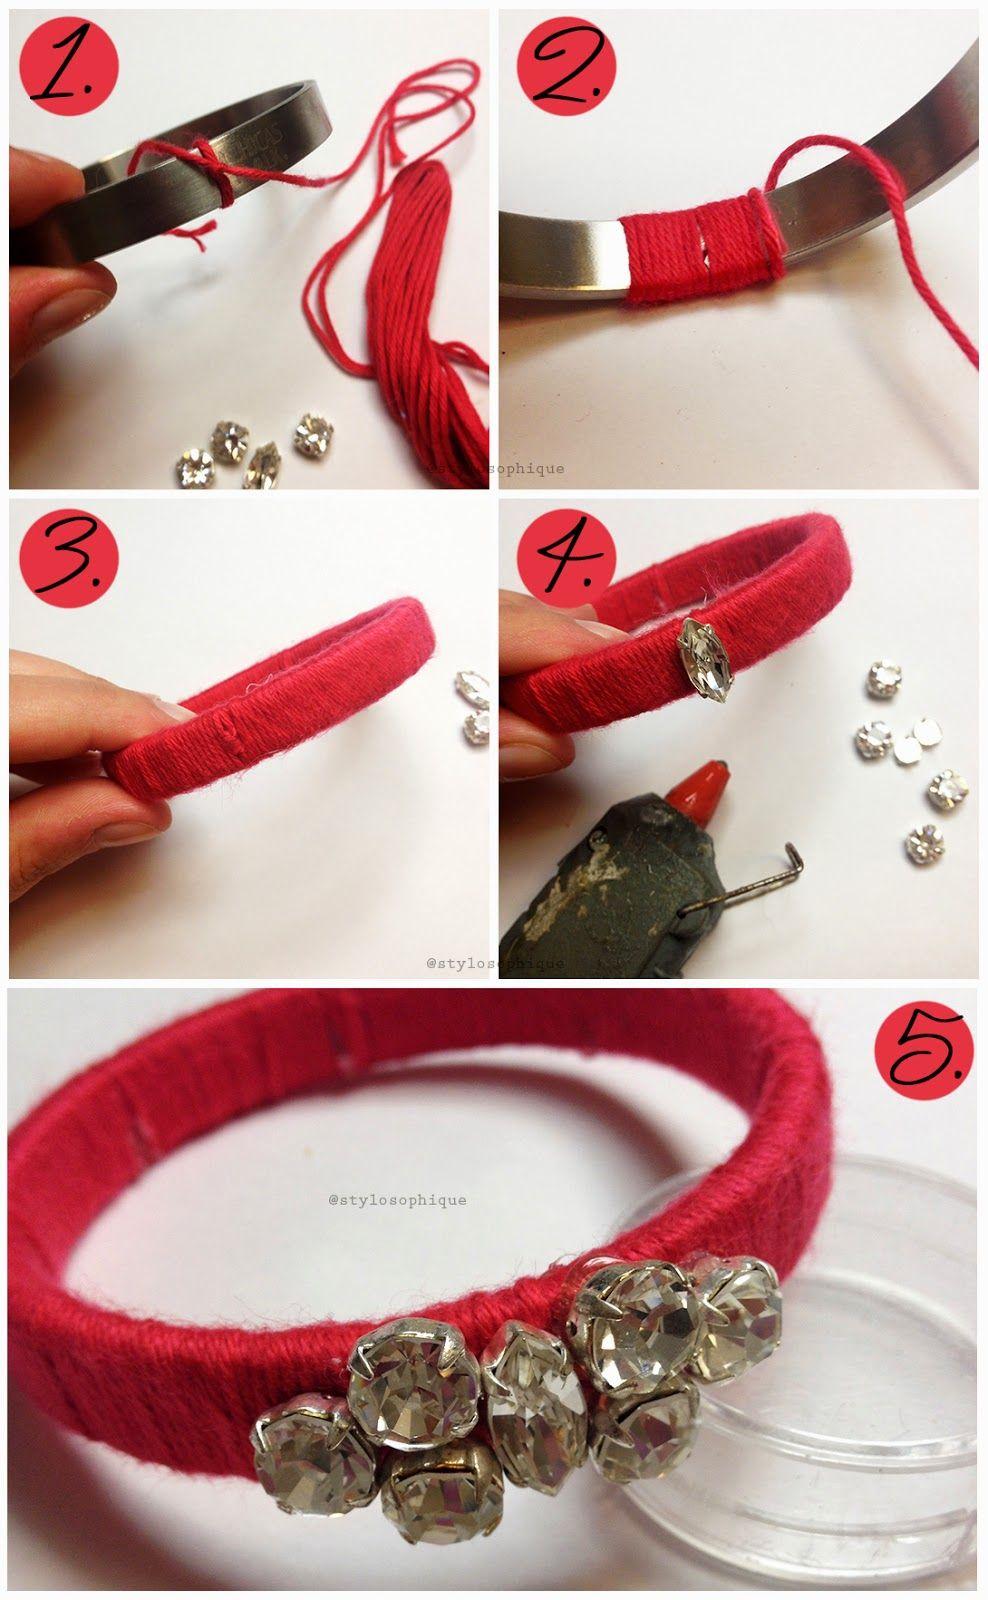 DIY Wrap Embellished Bracelet ~ Iris Tinunin - Fashion & Beauty Blogger more on www.stylosophique.com